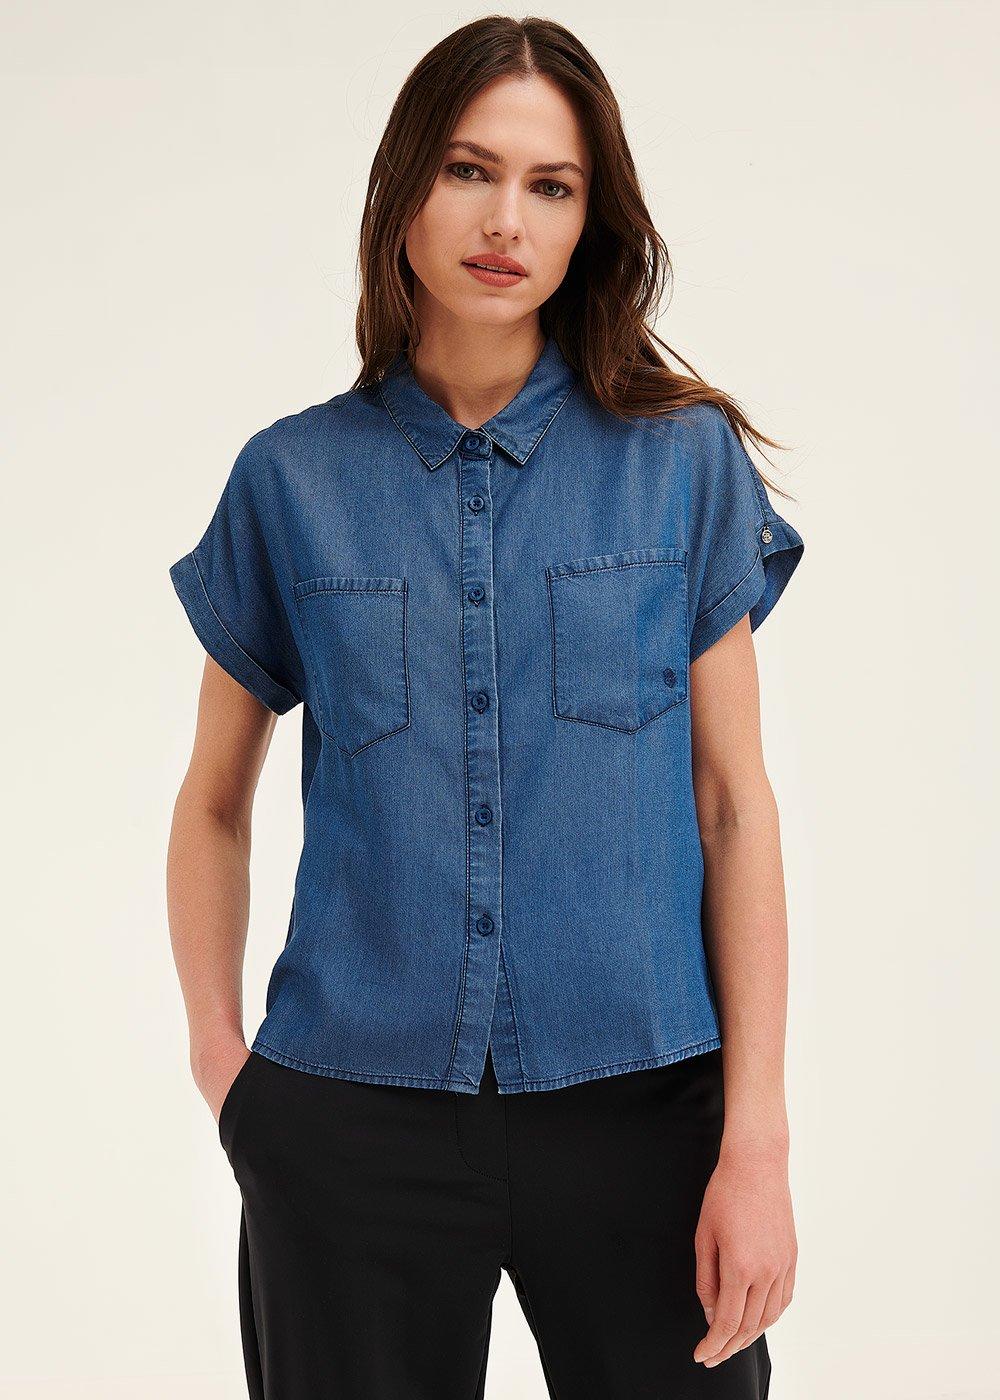 Carol short-sleeved denim shirt - Denim - Woman